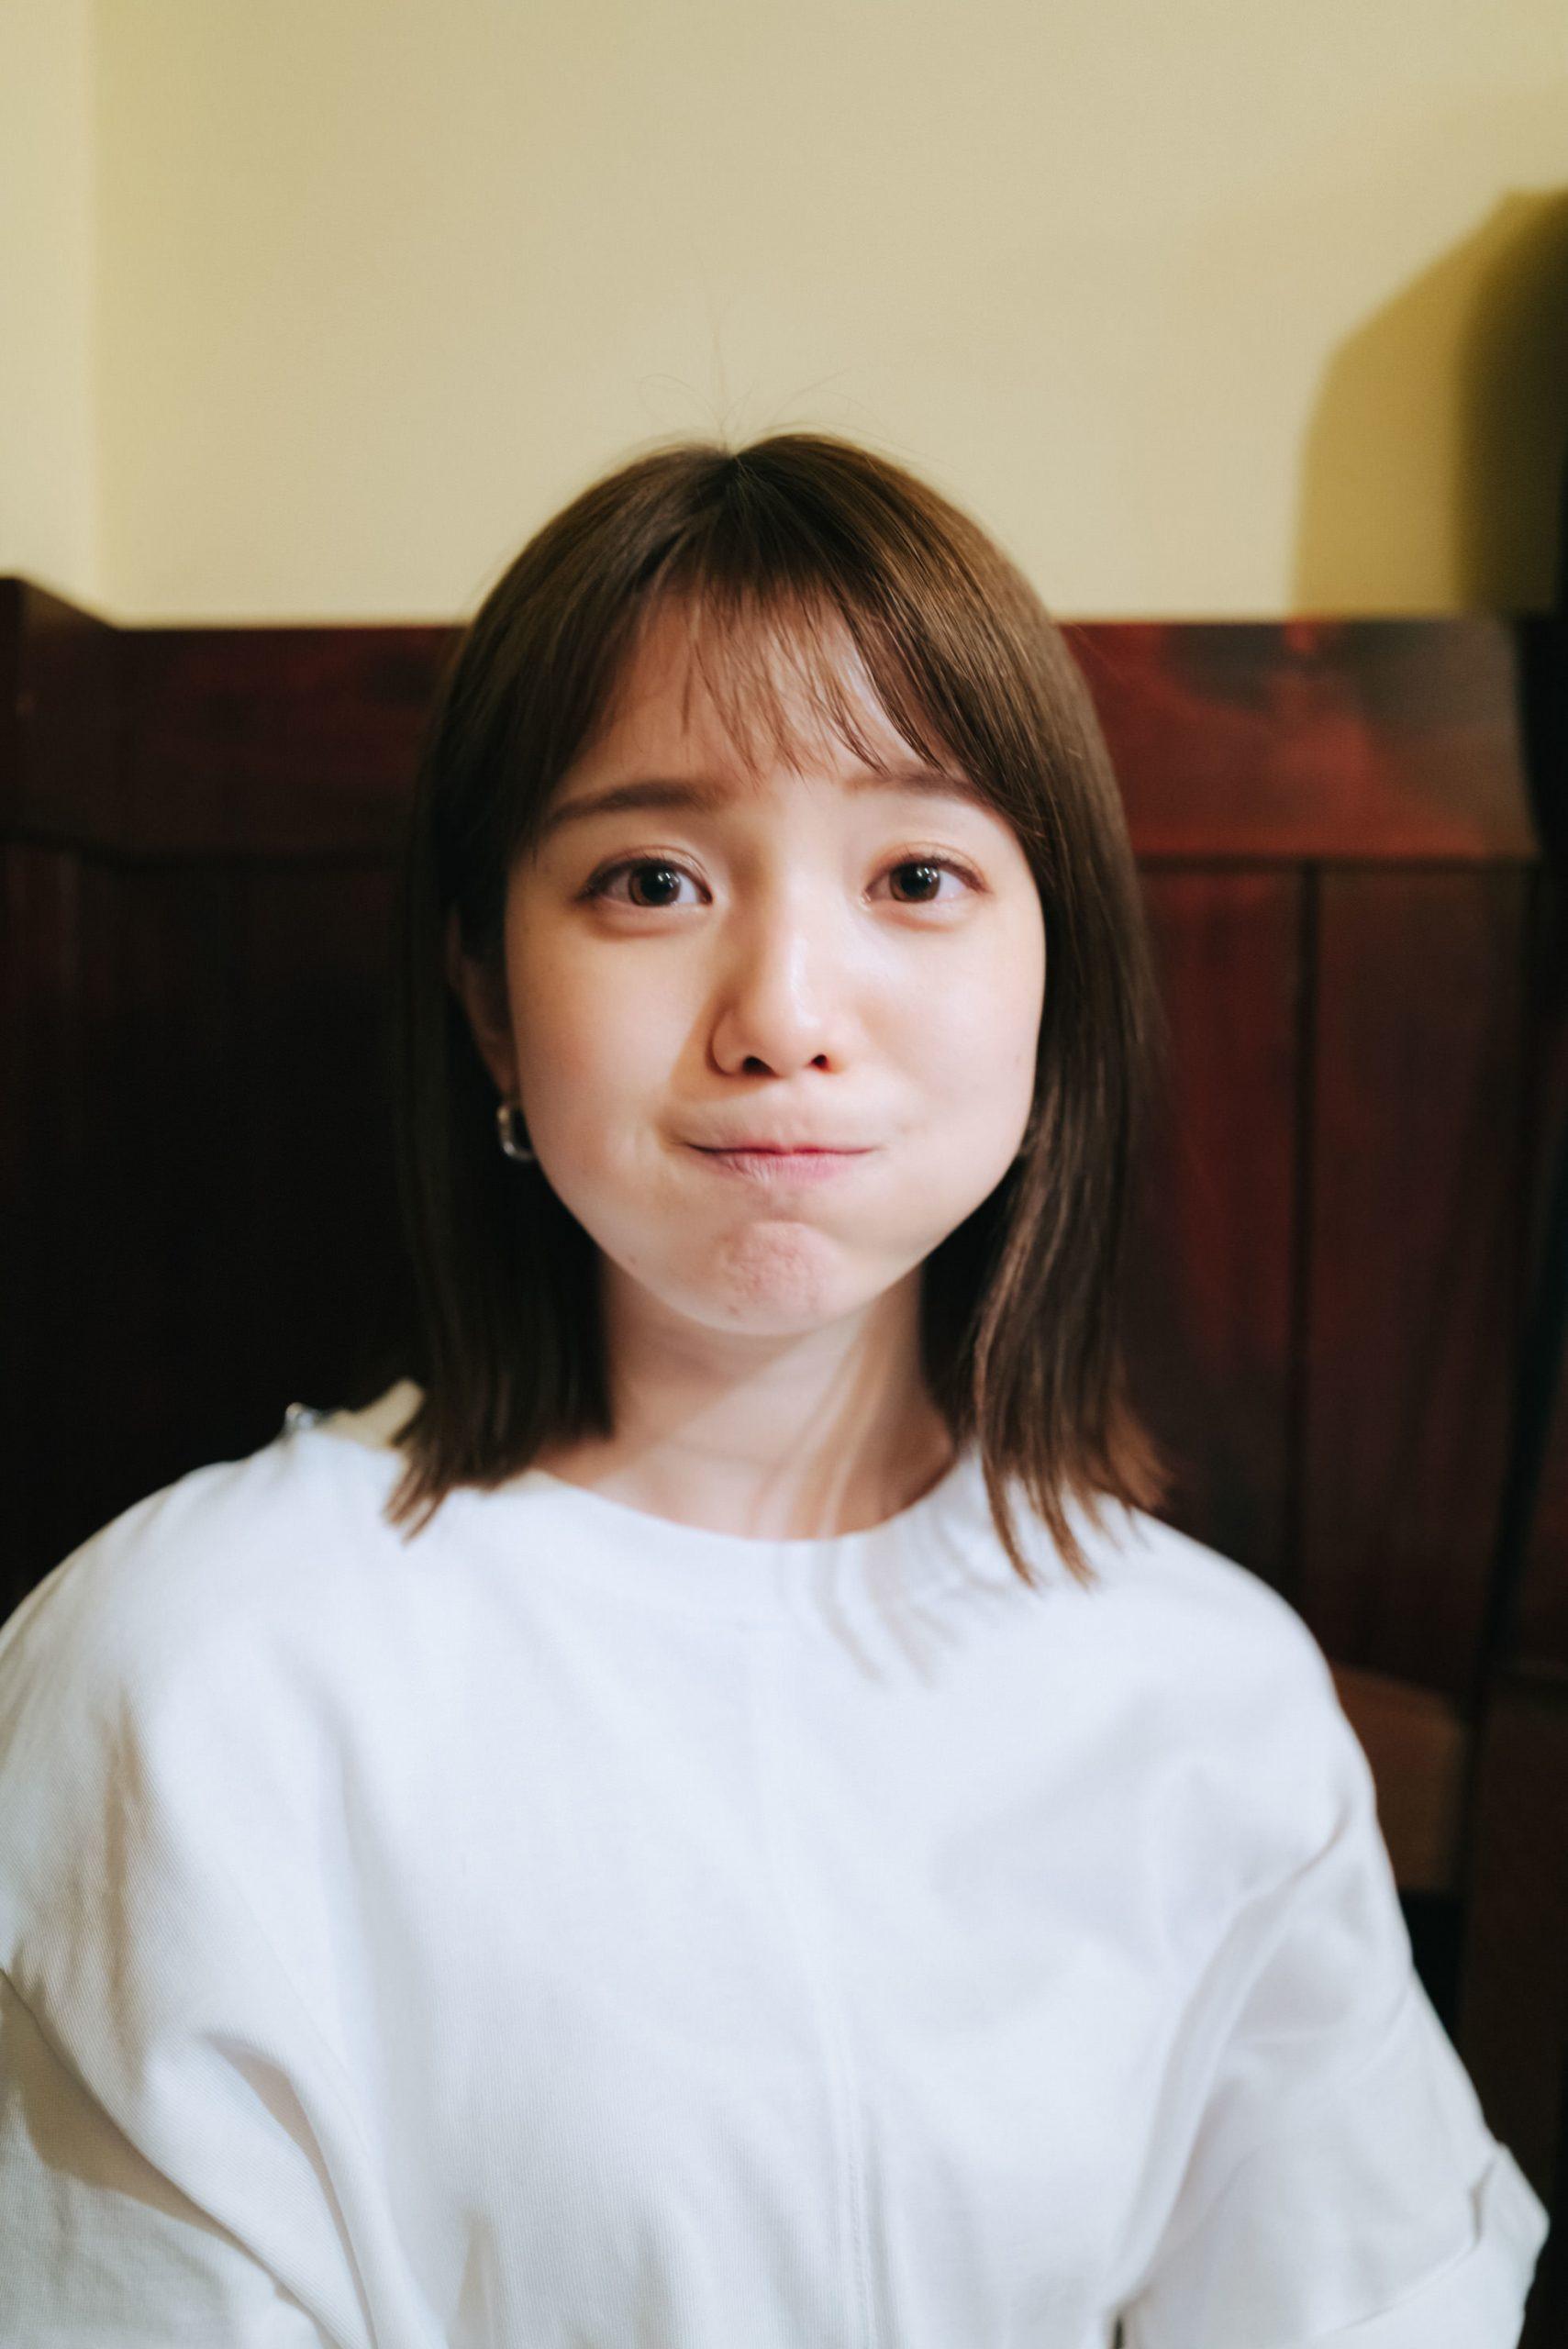 弘中绫香30岁纪念写真书夏天贴身采访『ひろなかのなか』7月发售-itotii